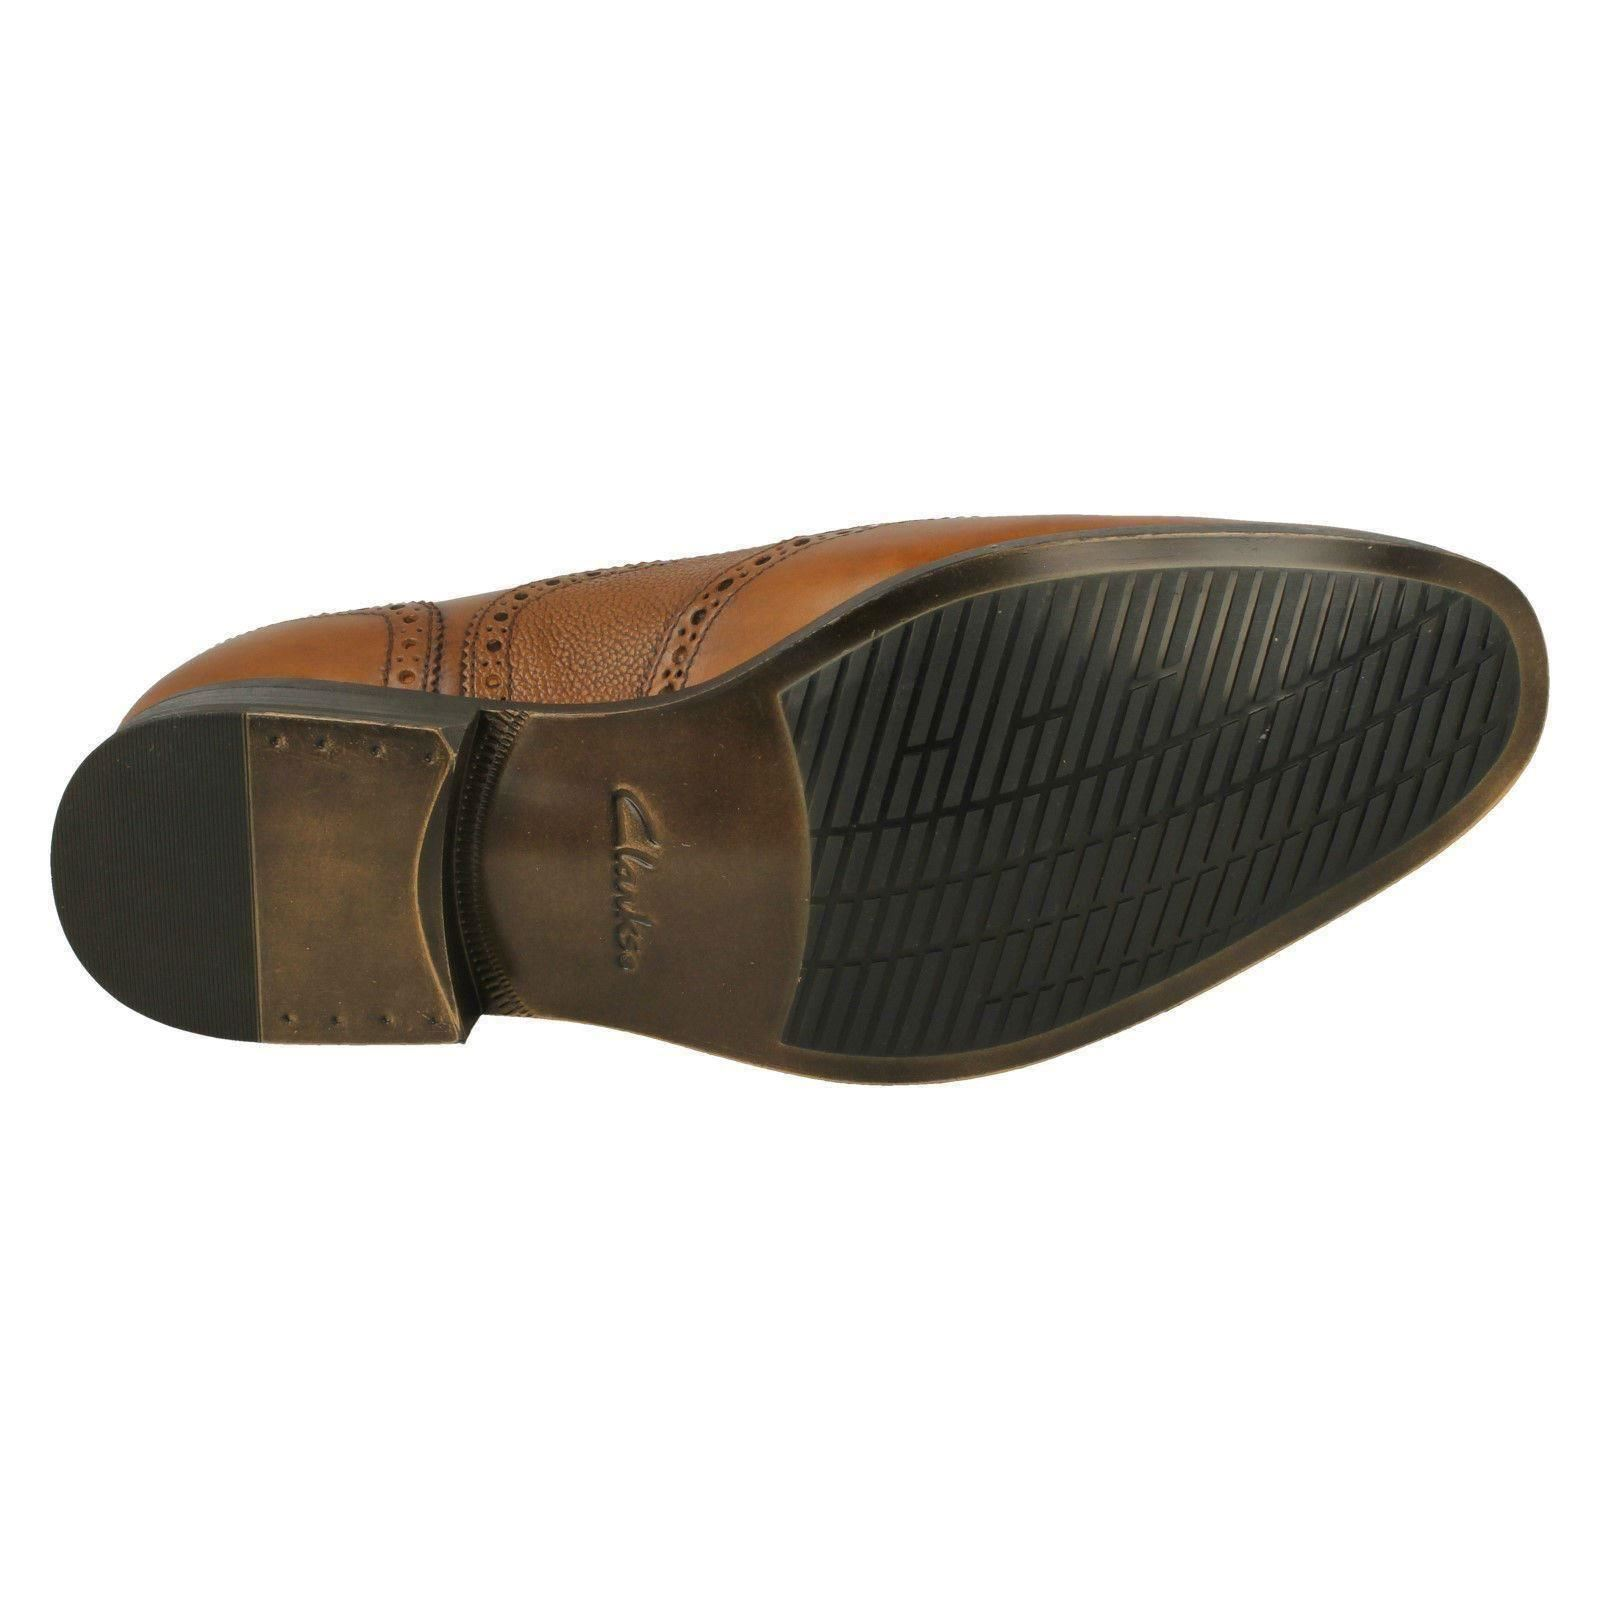 Para Clarks Hombre Clarks Para Zapatos Con Cordones Estilo-límite de Gilmore 8ce089